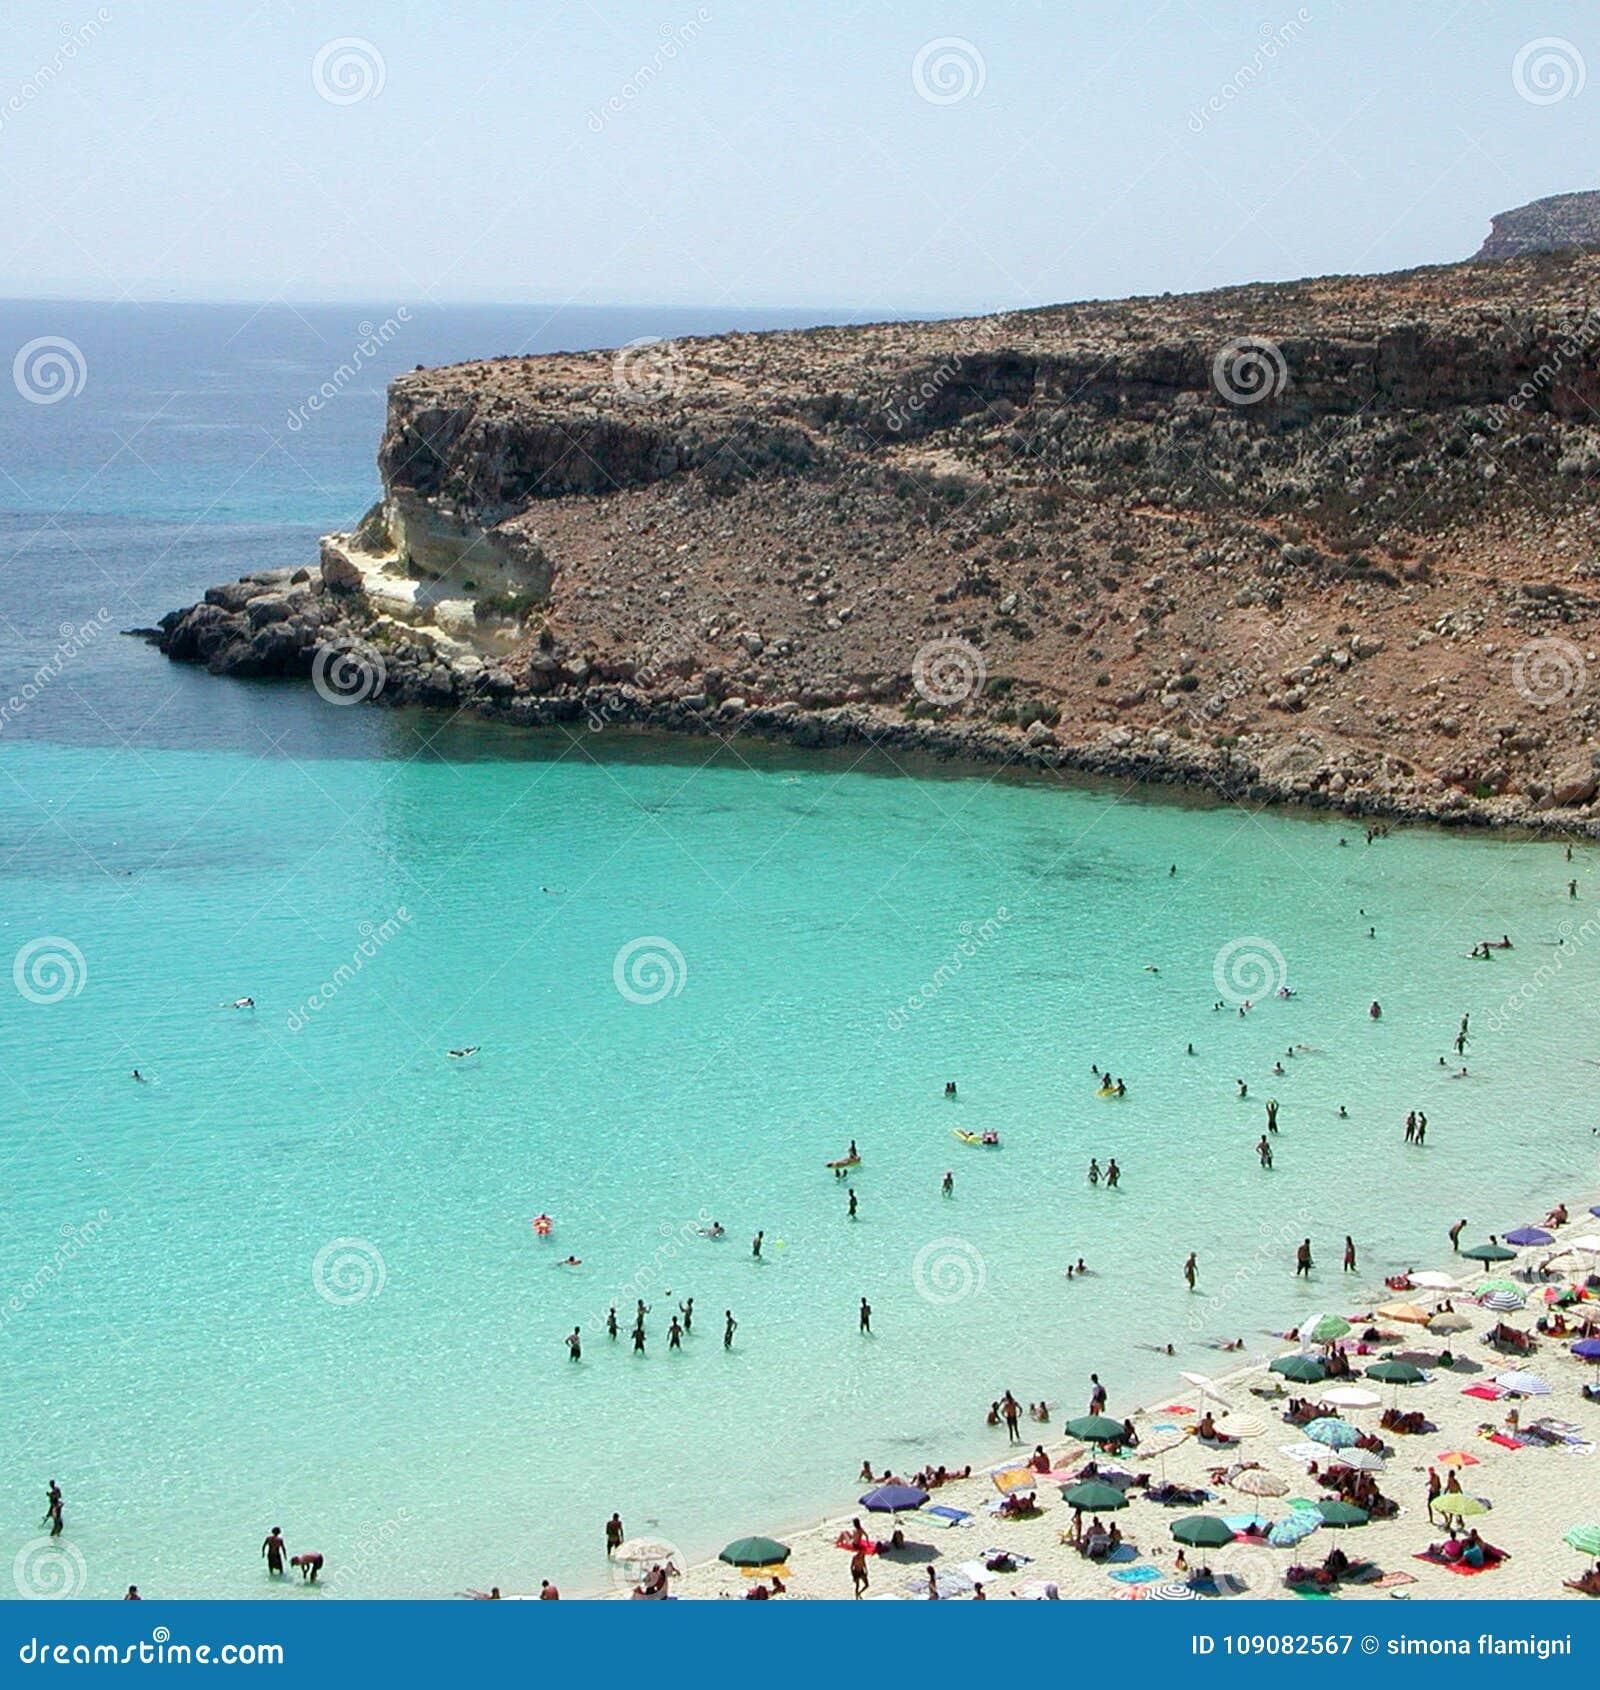 Isola dei Conigli beach in Lampedusa